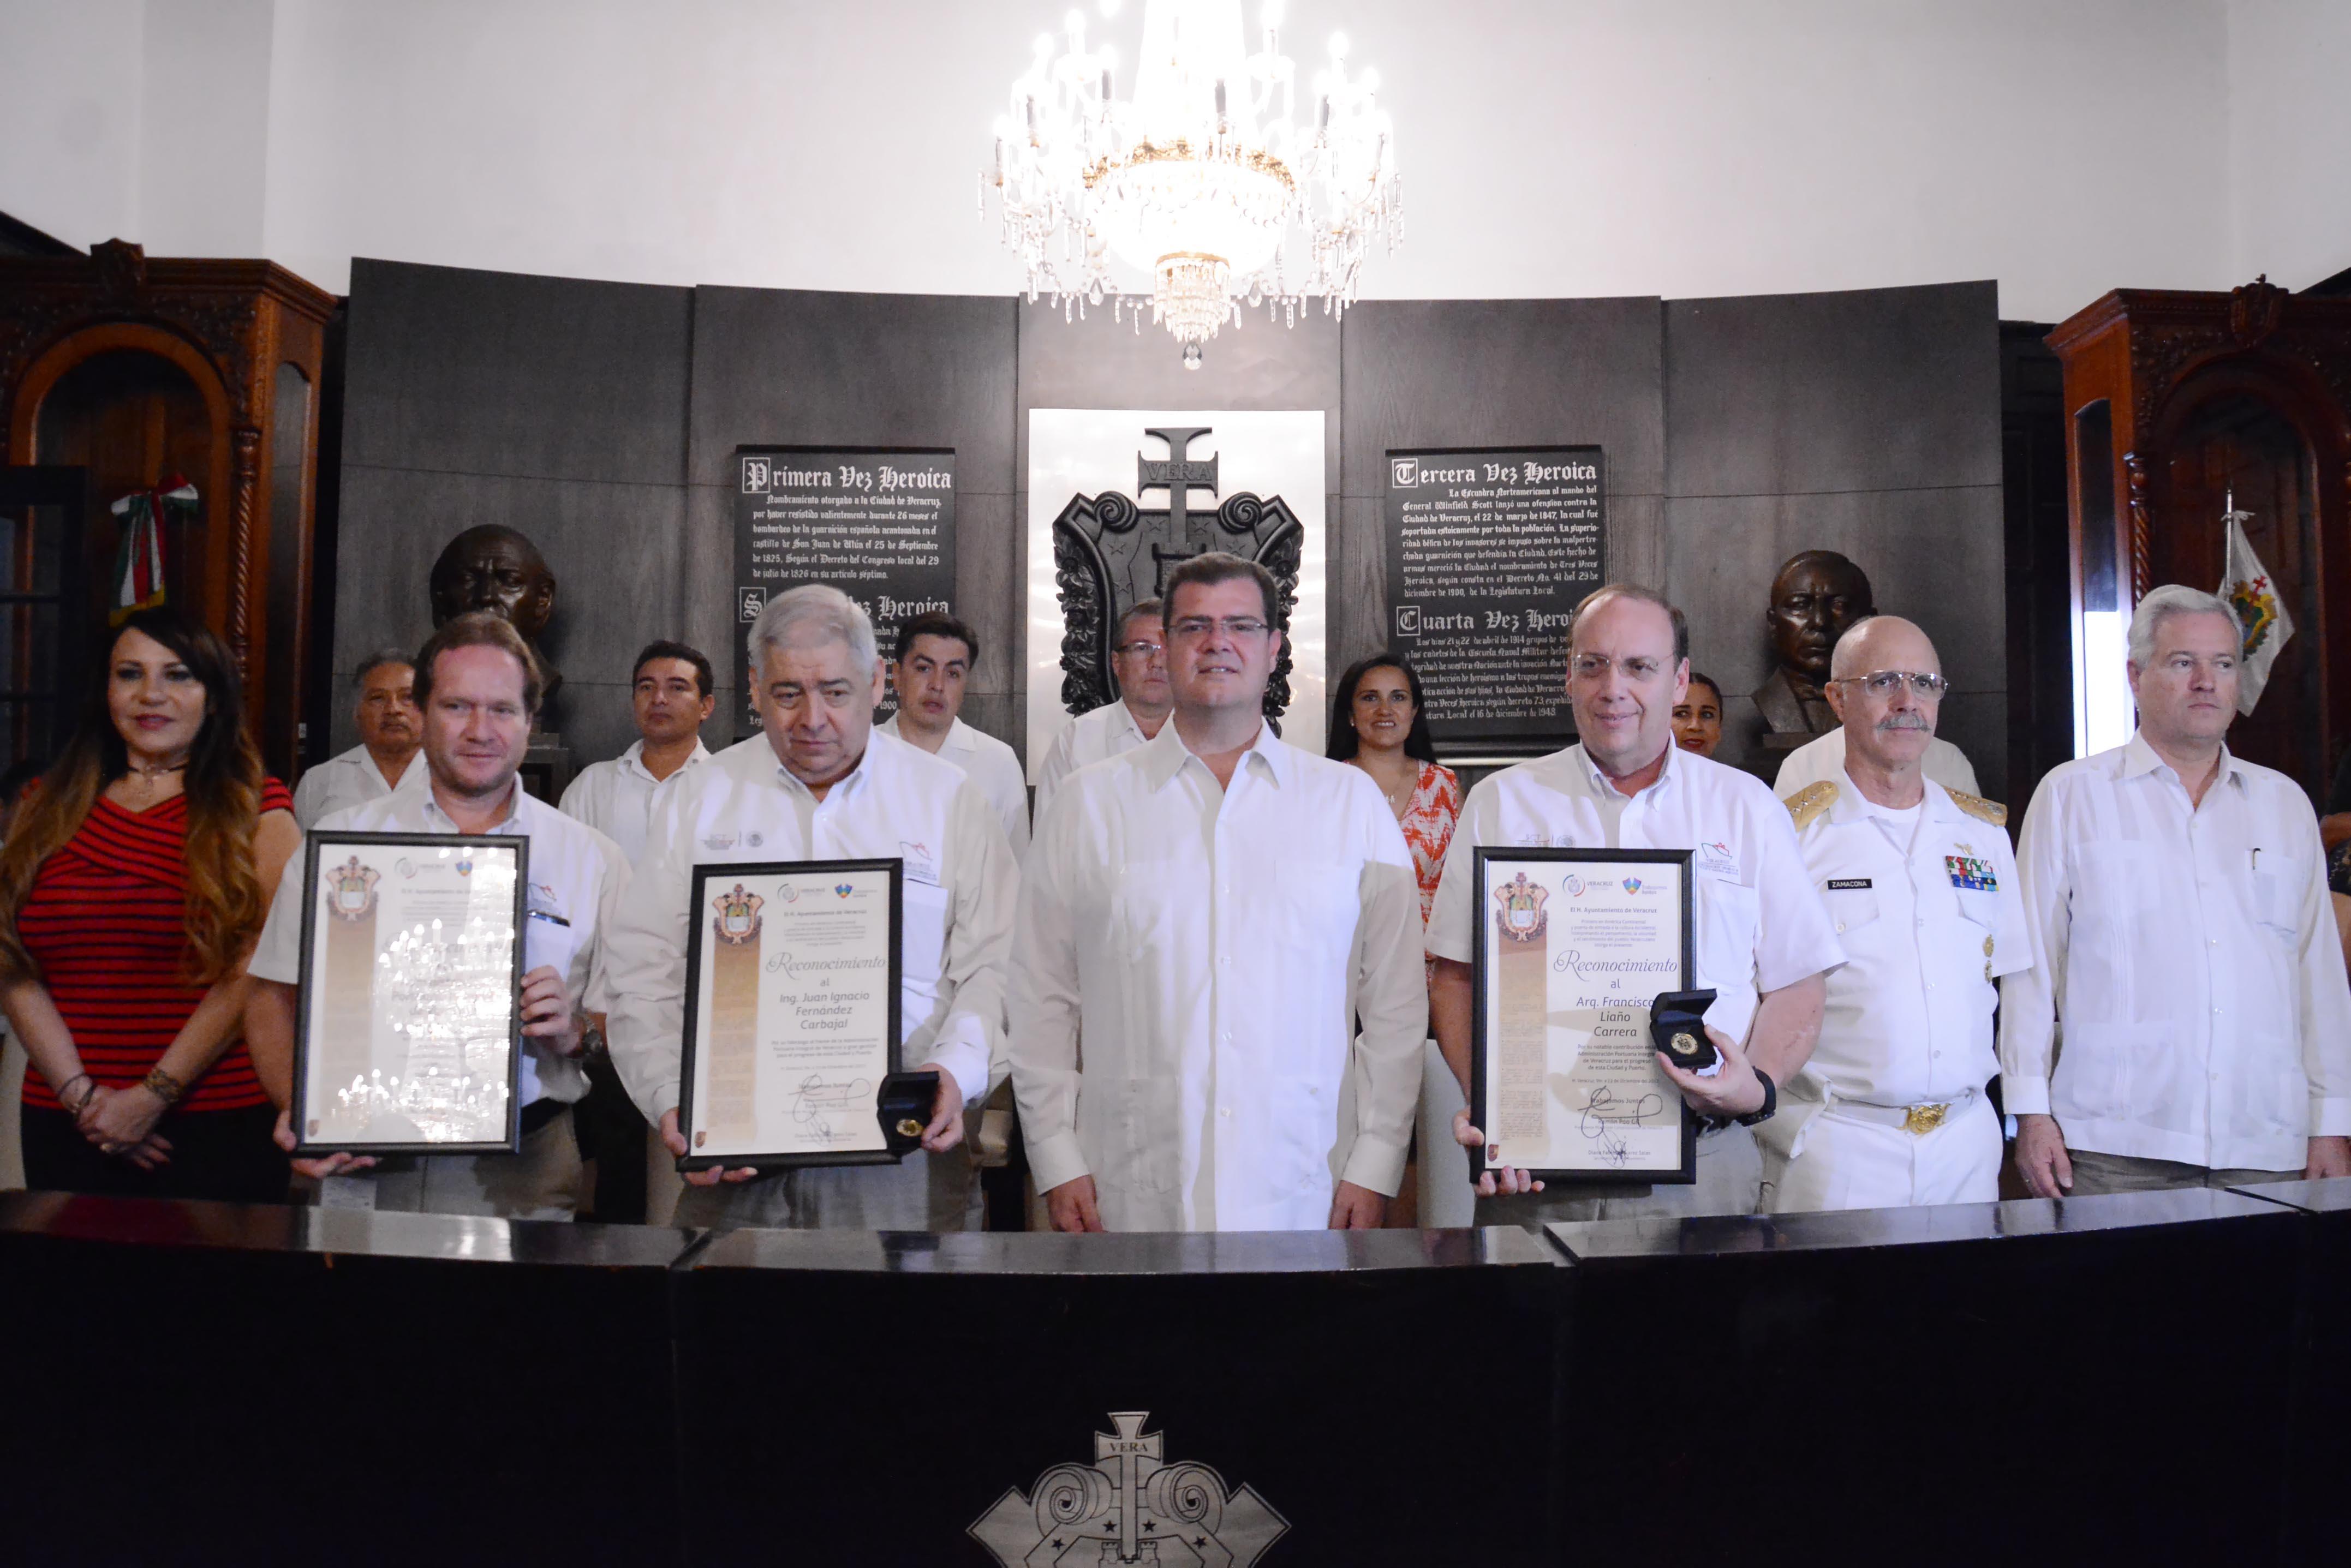 Ramón Poo reconoce contribución de APIVER en el desarrollo del municipio porteño